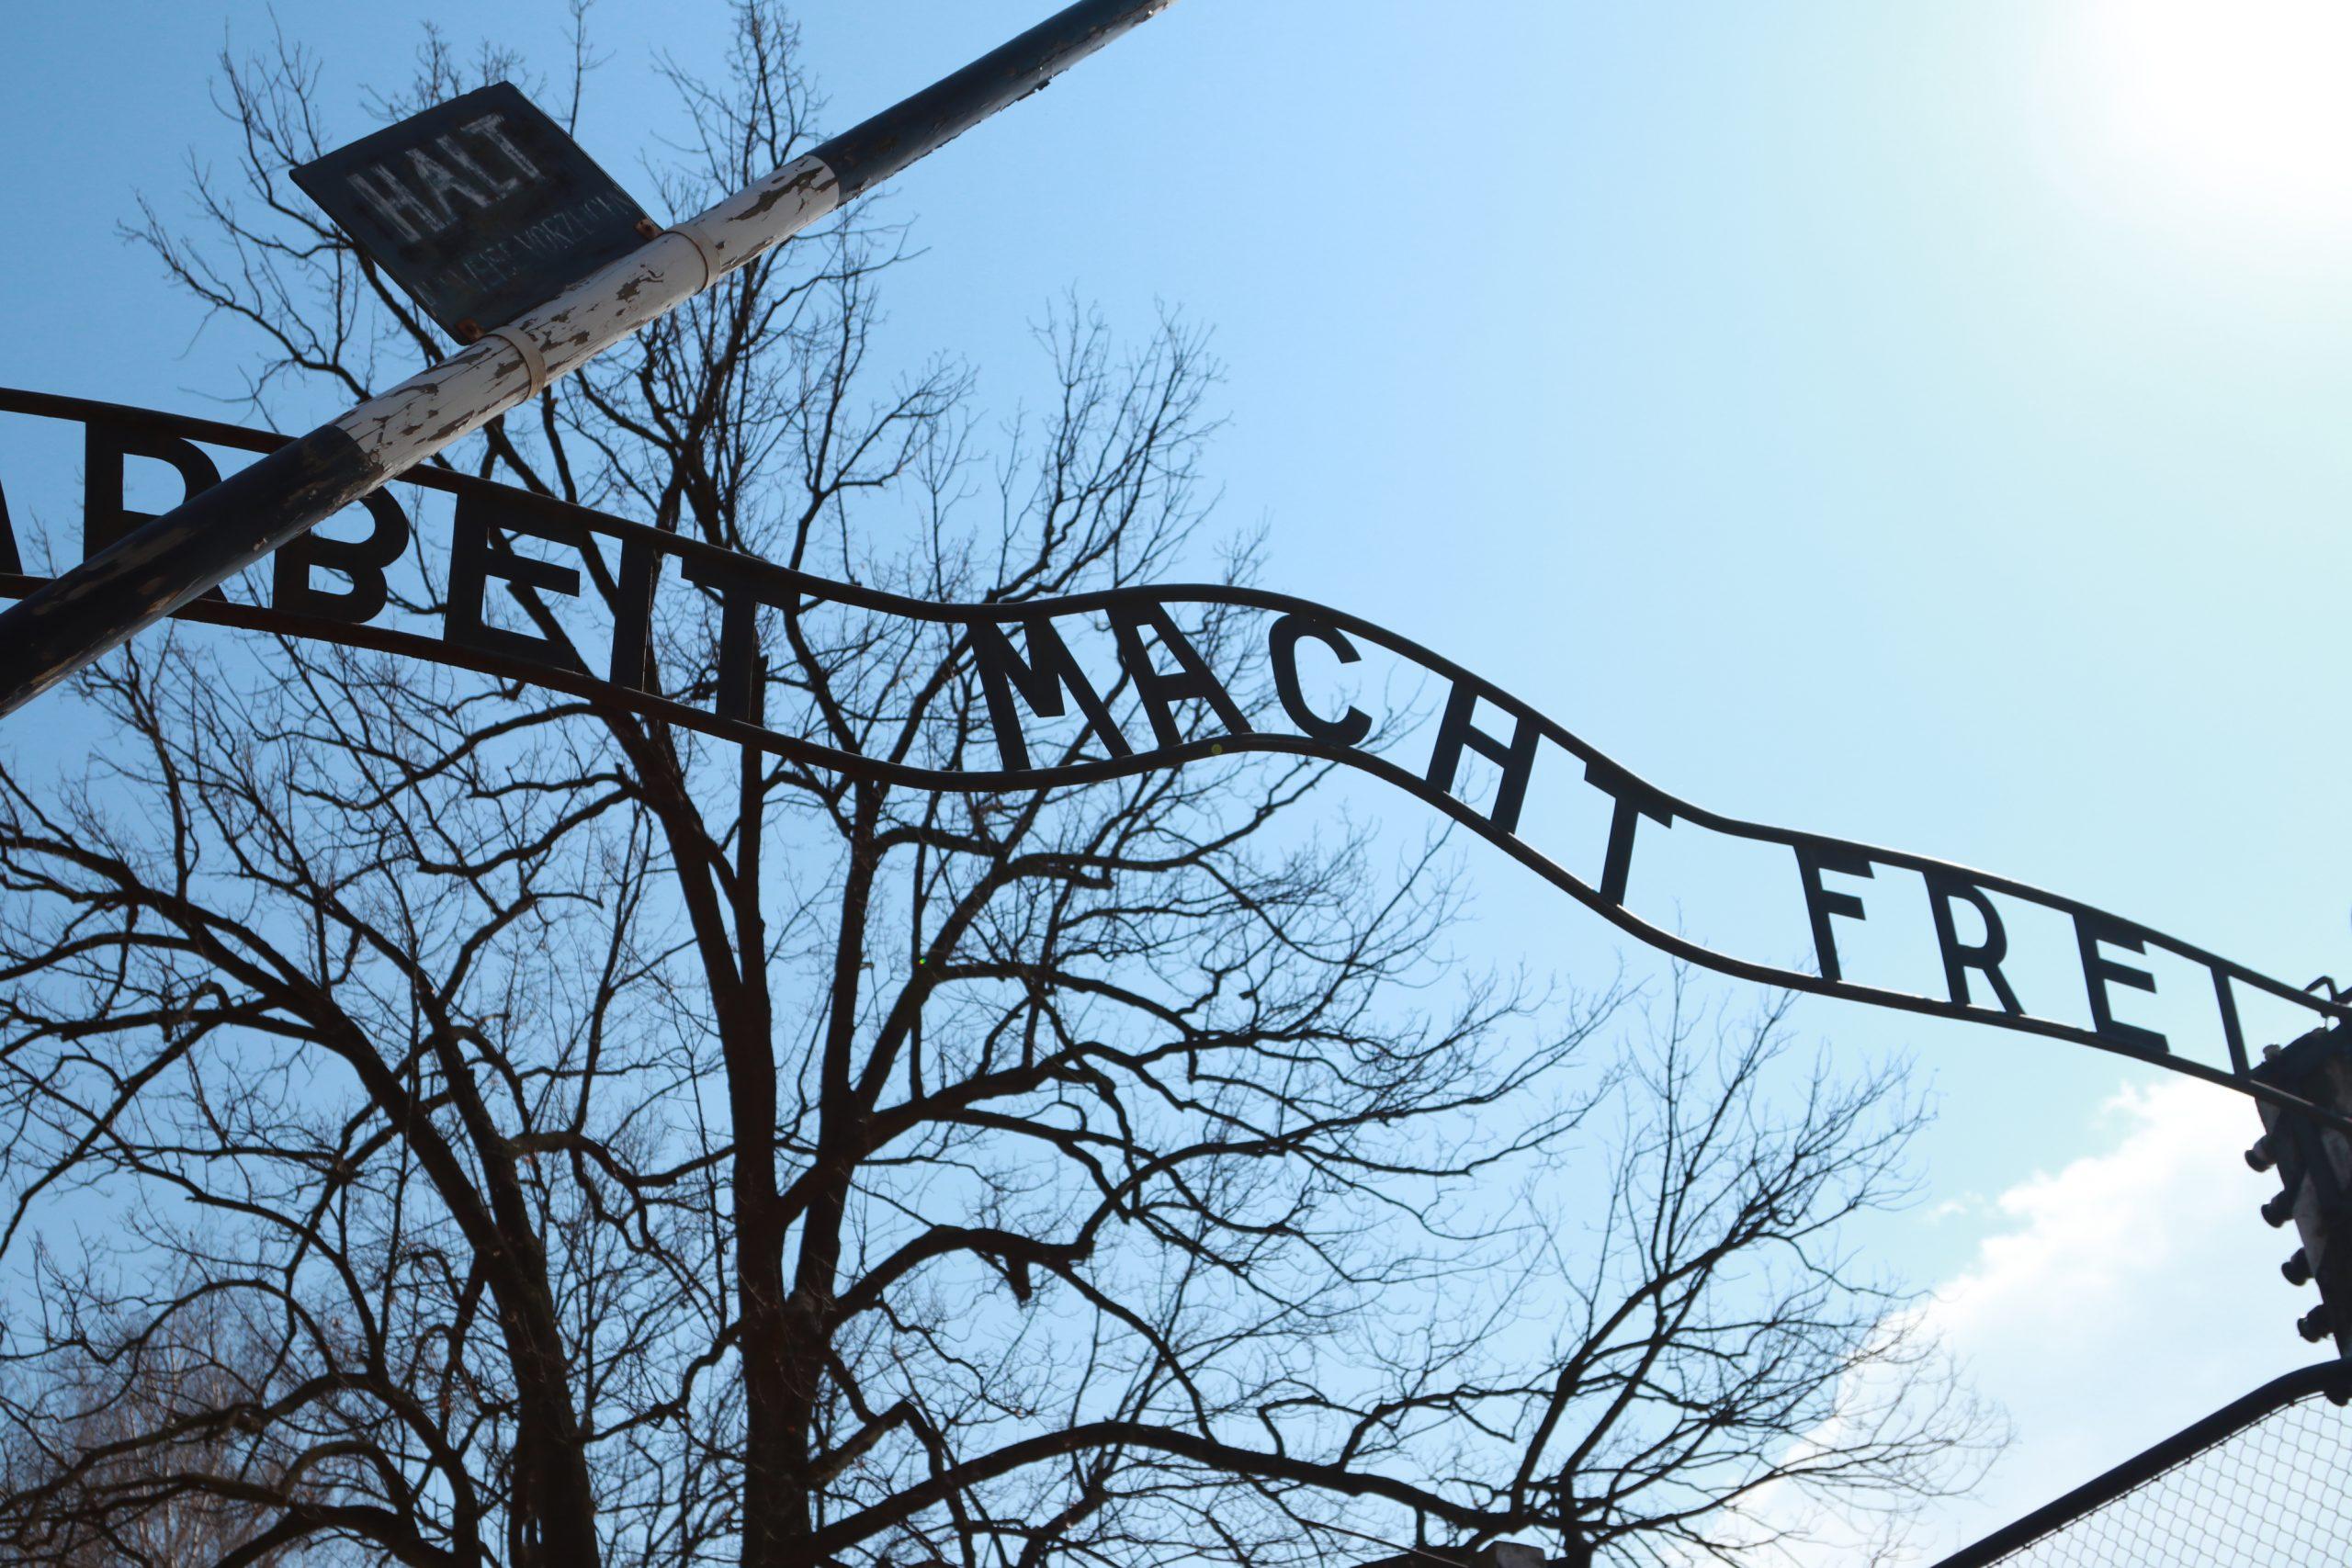 Placa no portão de entrada em Auschwitz com a inscrição Arbeit Macht Frei - o trabalho liberta